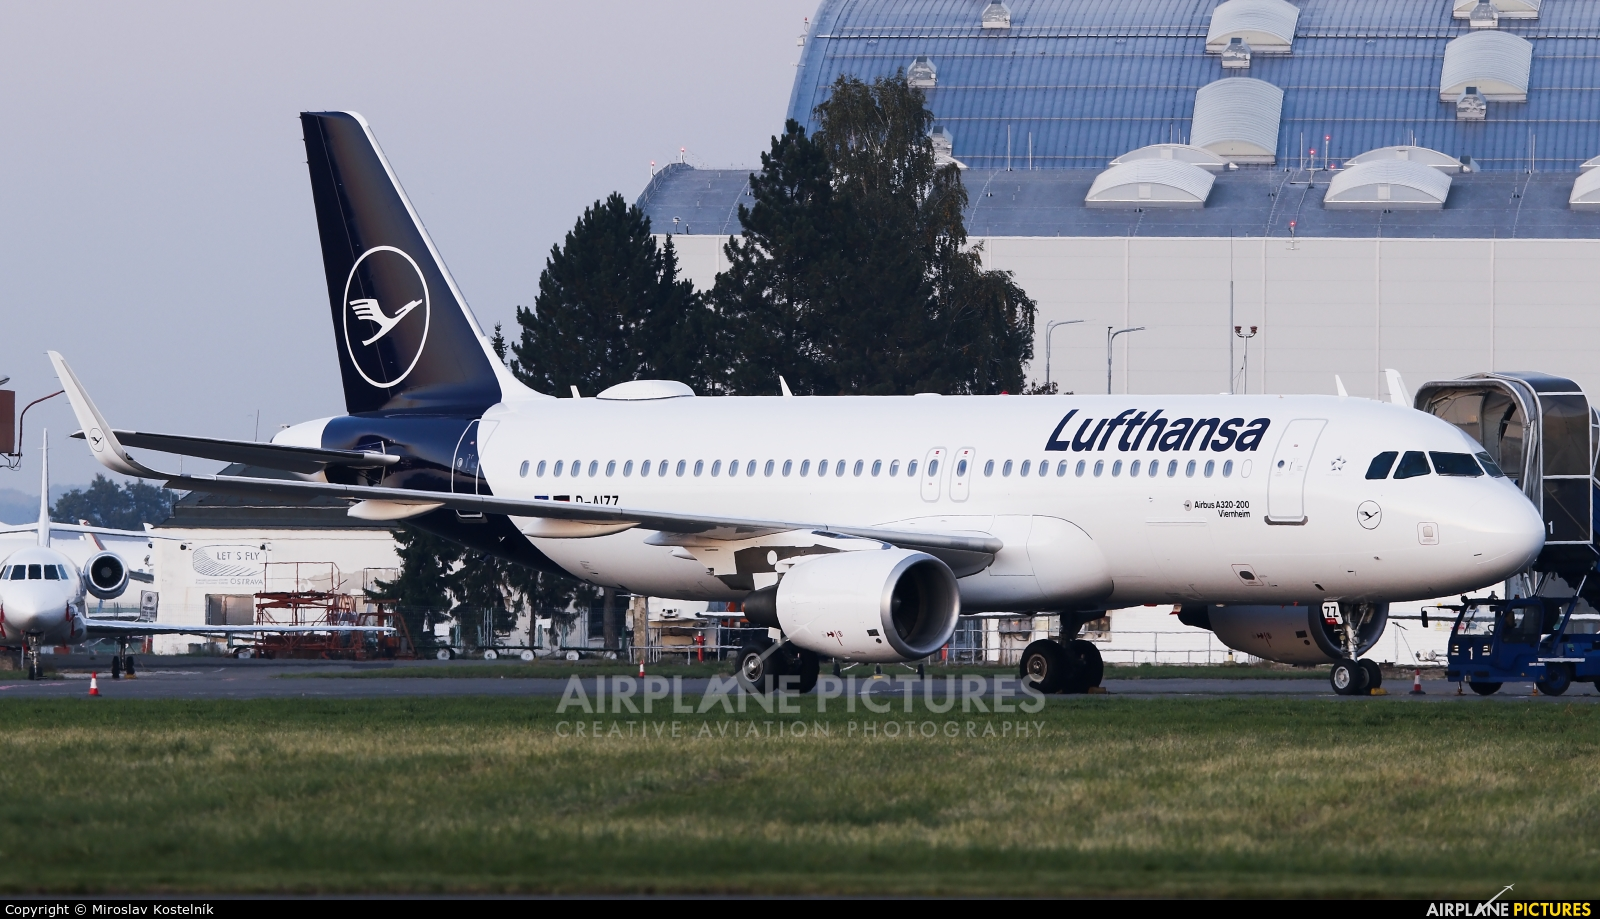 Lufthansa D-AIZZ aircraft at Ostrava Mošnov